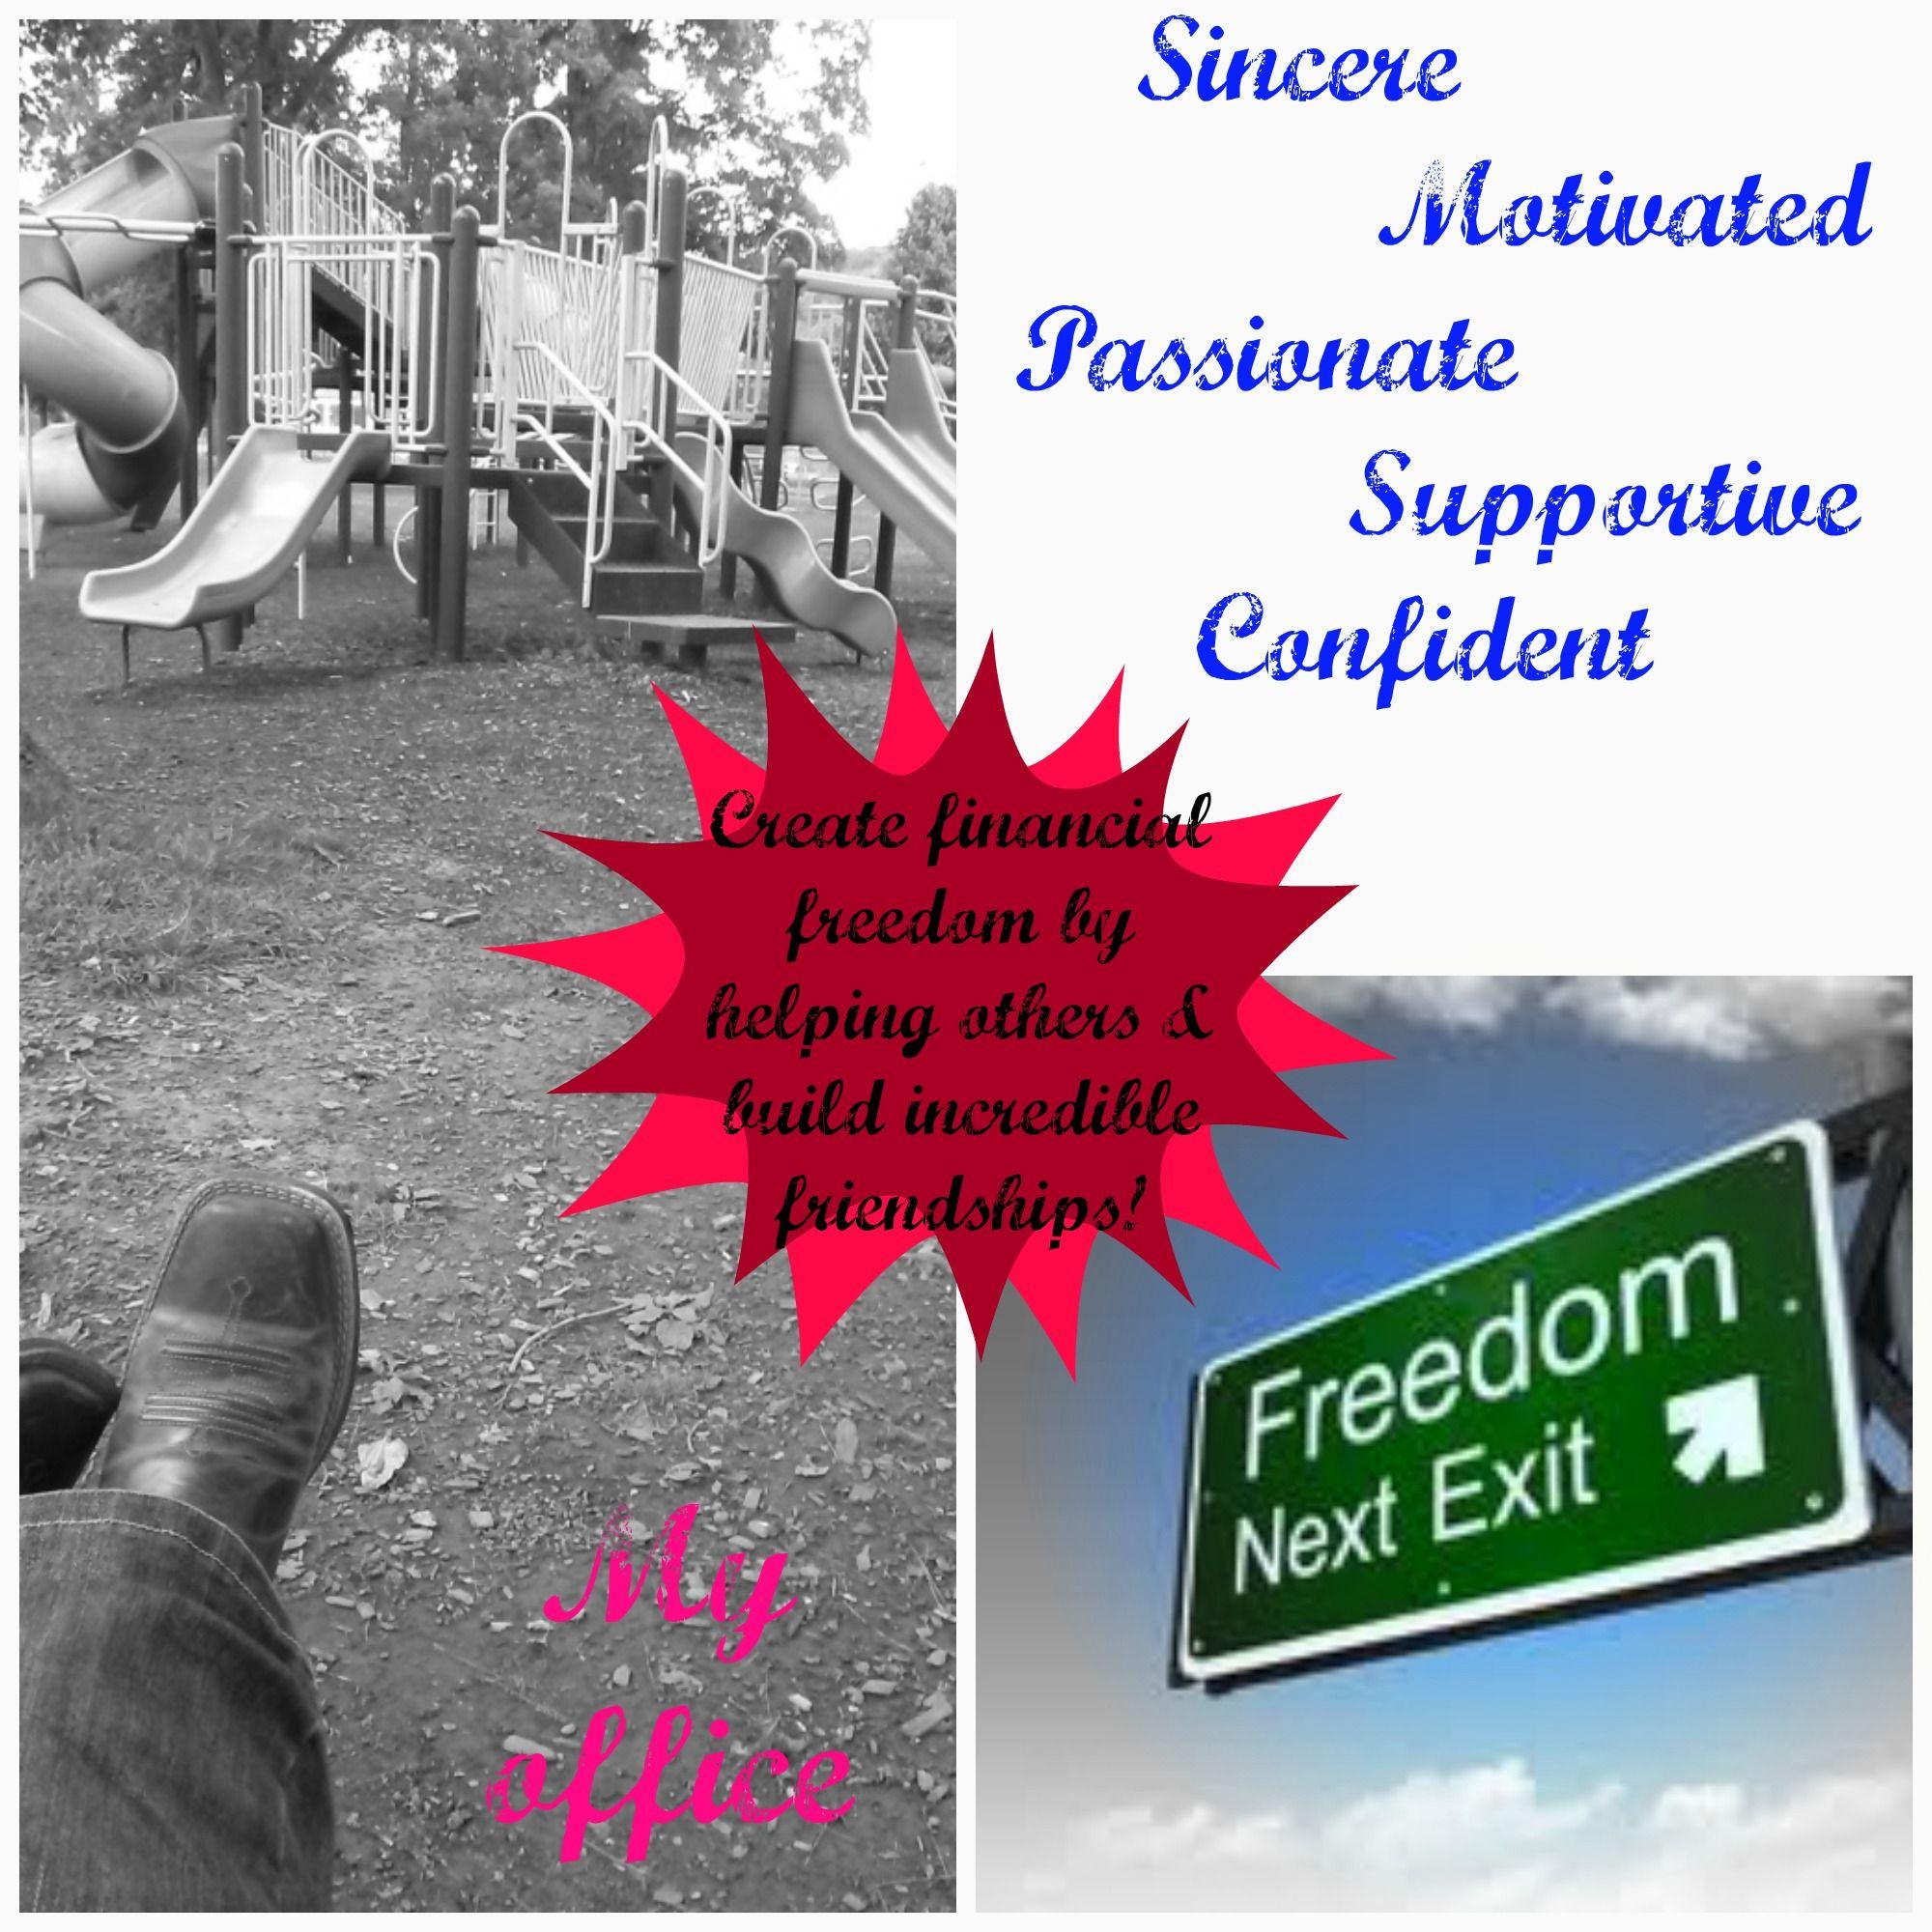 http://rhondamerritt.blogspot.com/2014/06/interested-in-becoming-coach.html